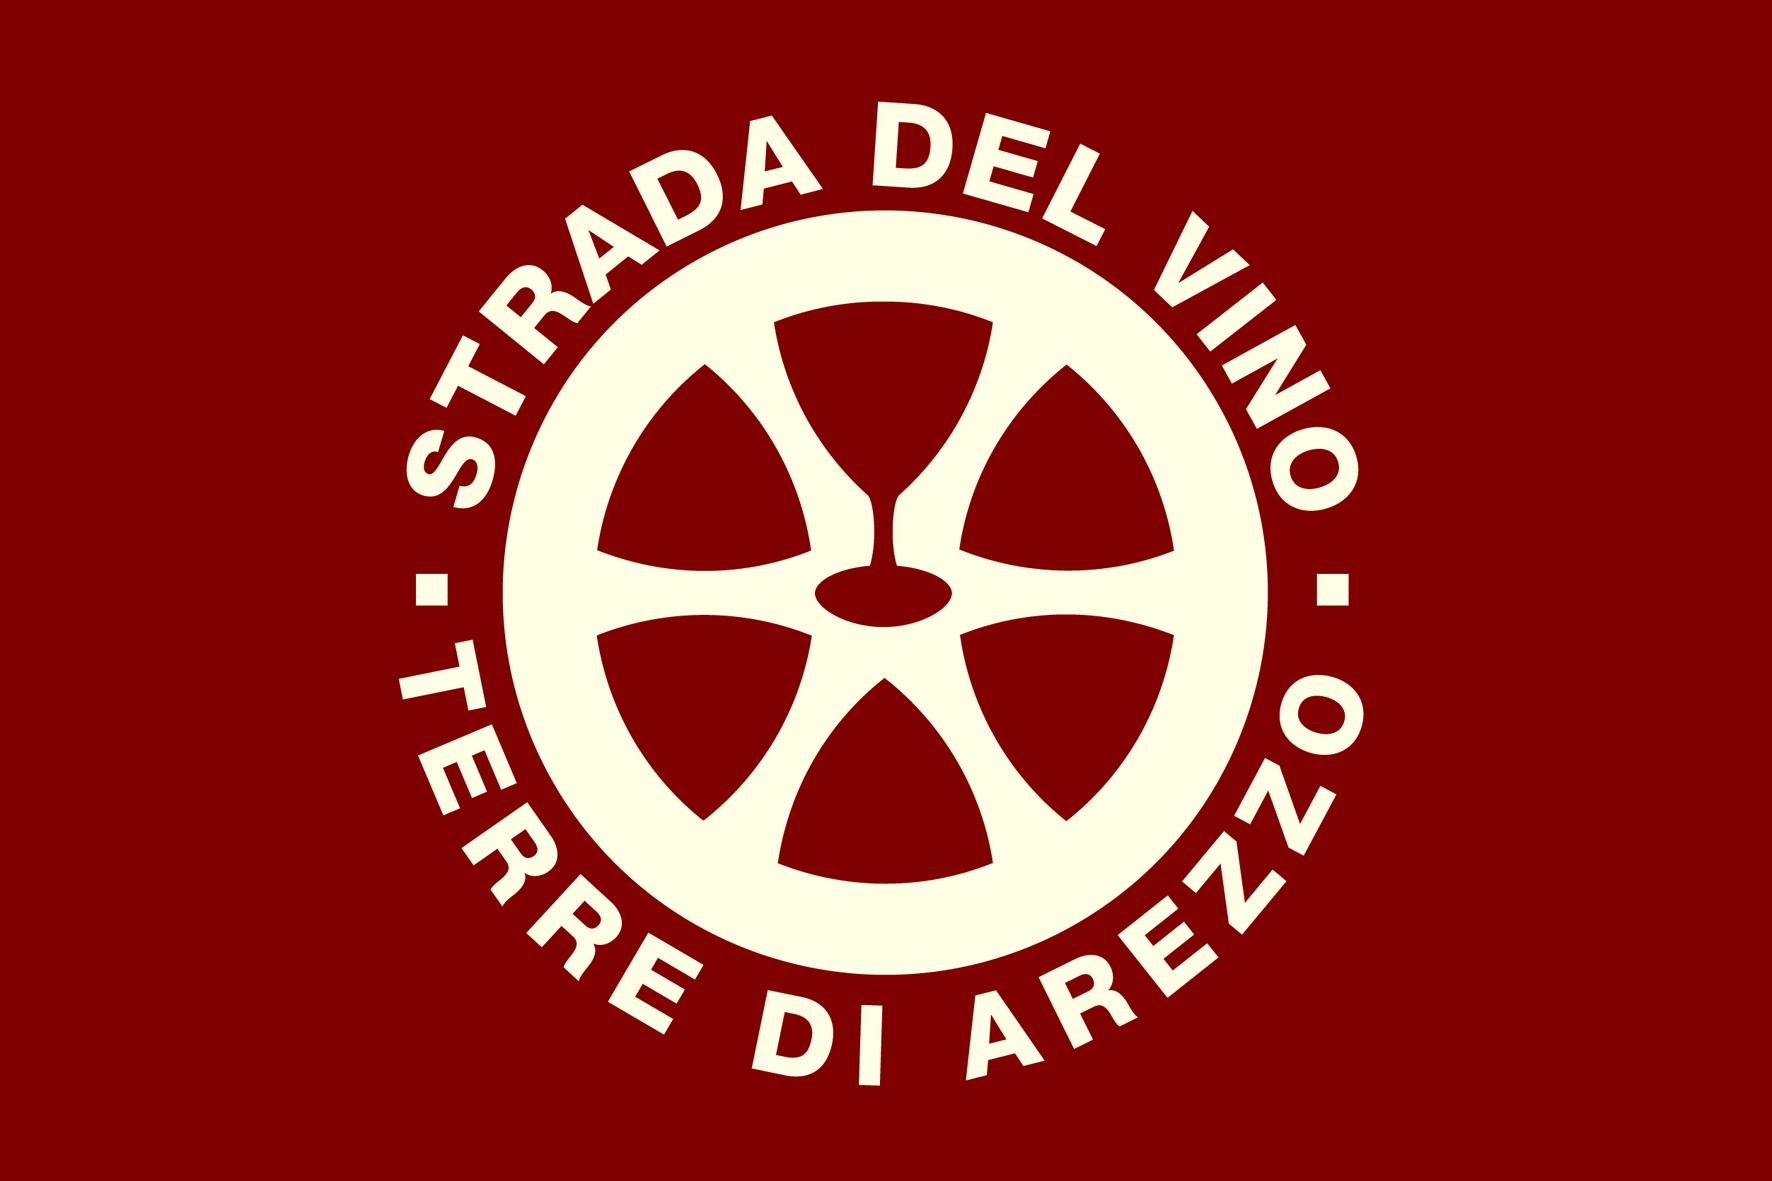 Strade del vino terre di Arezzo